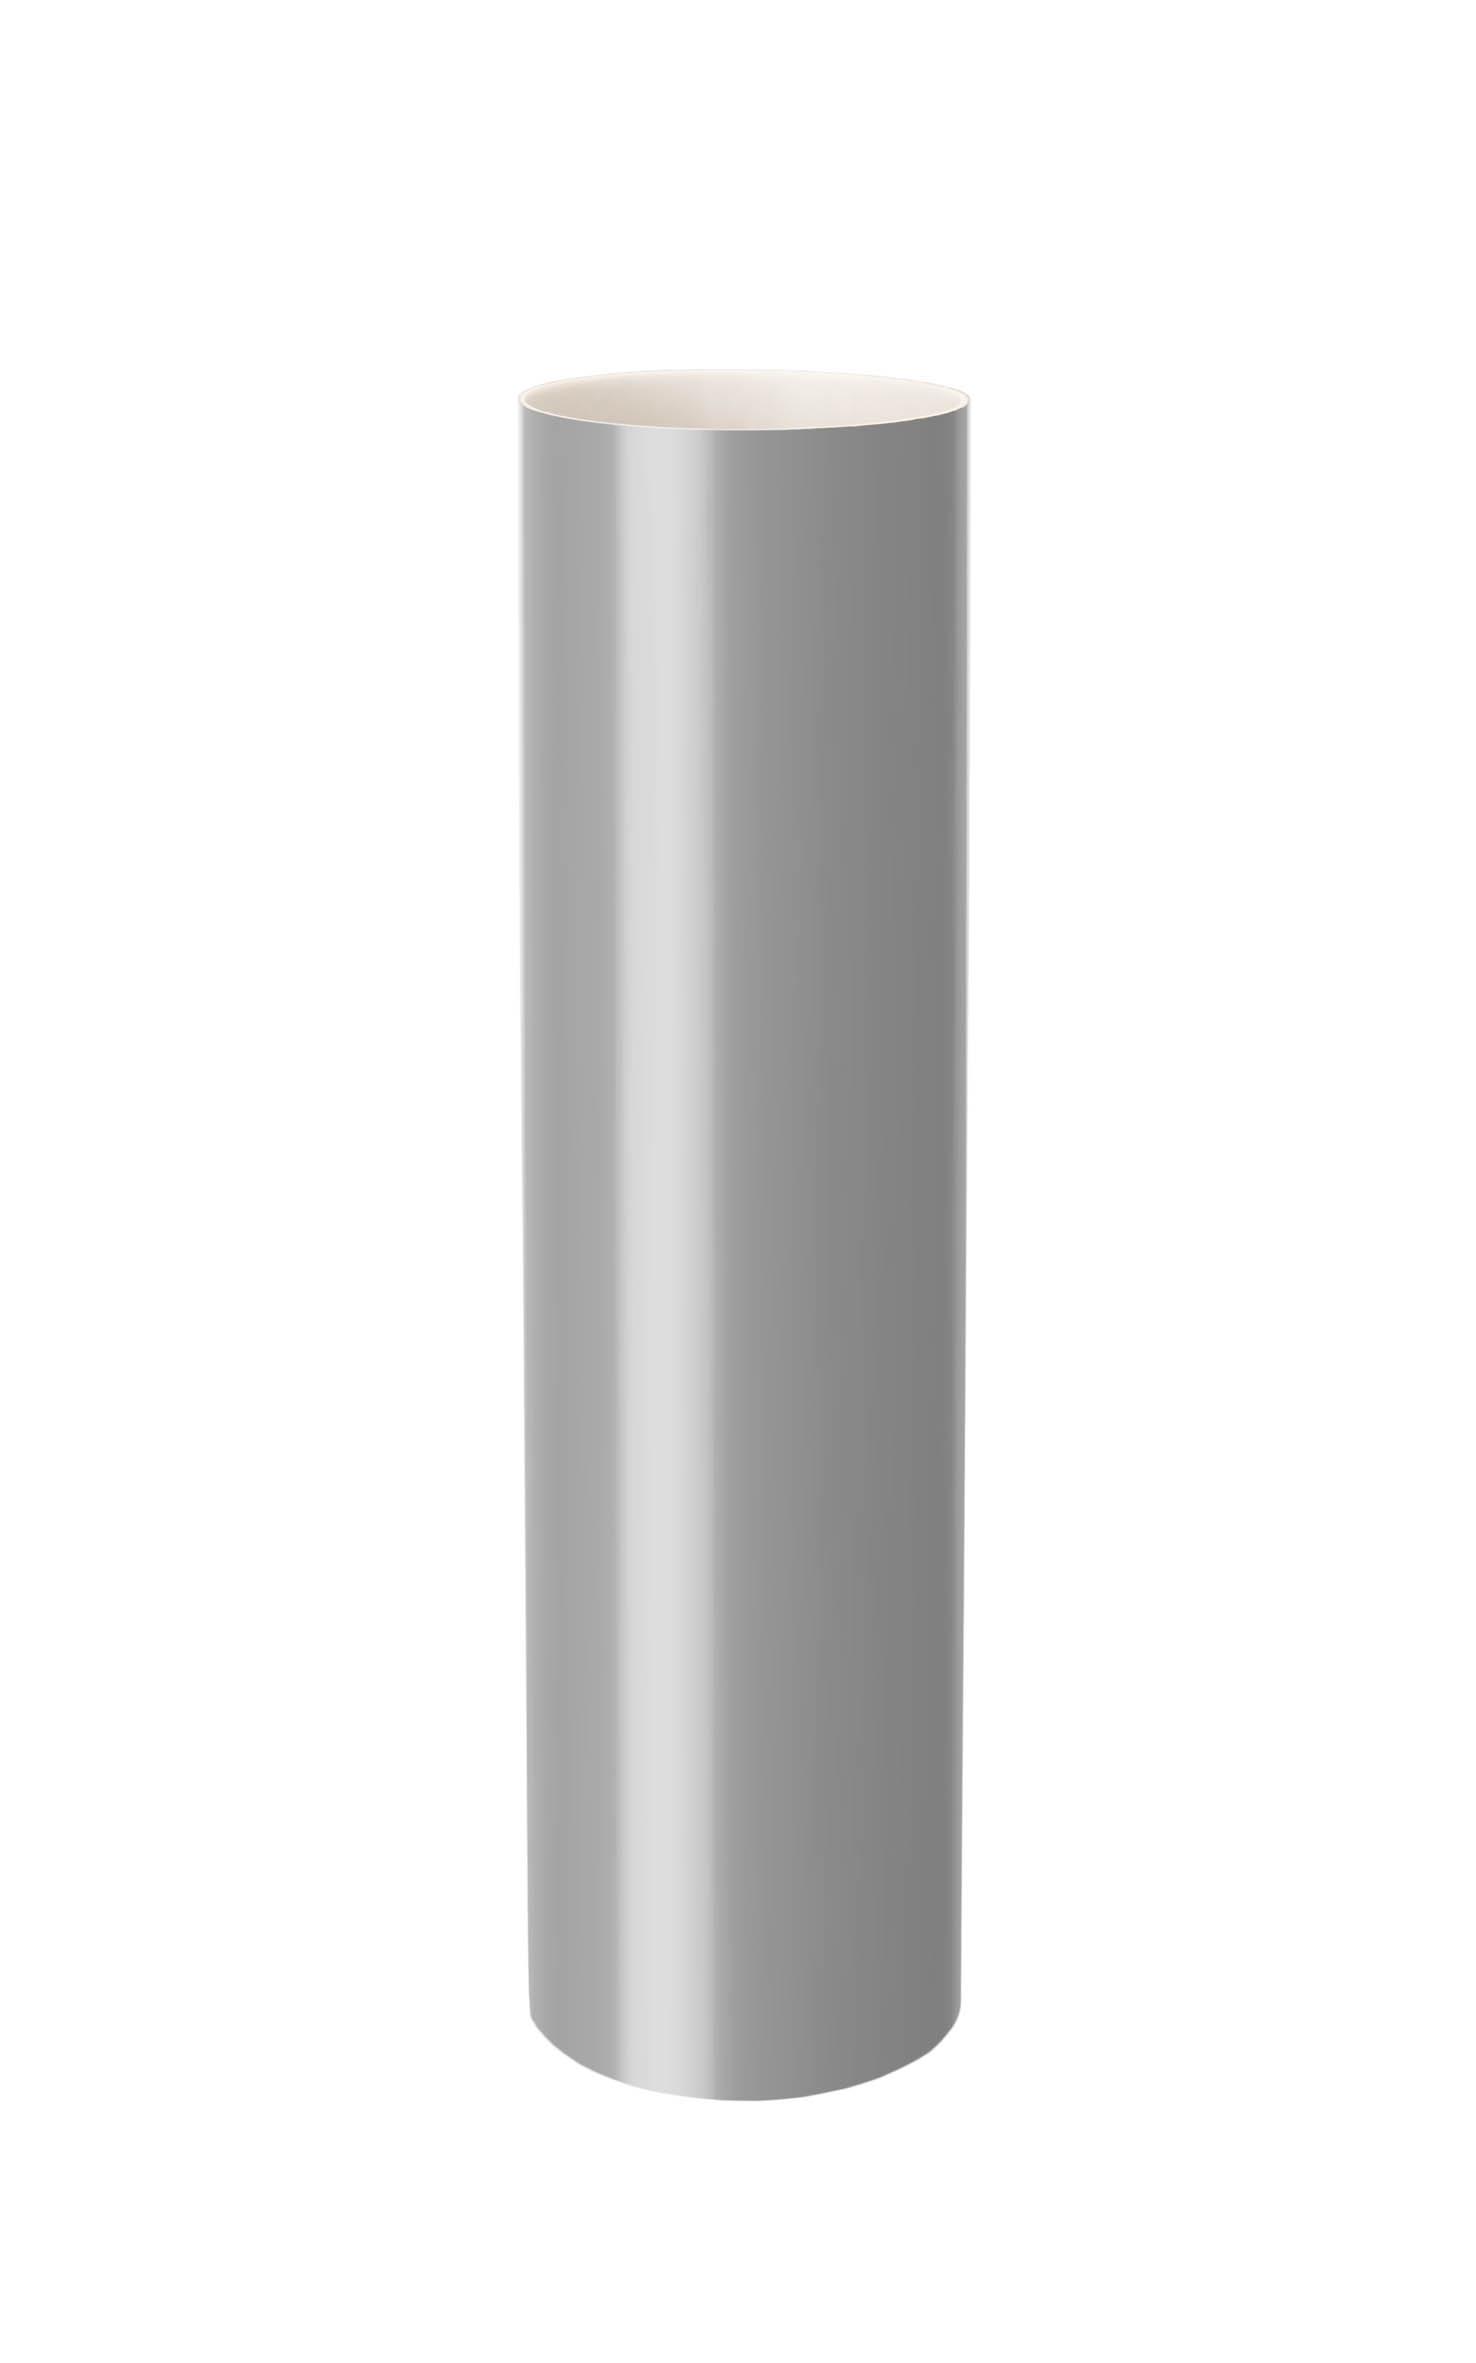 Труба, сіра 75мм/Ø  довжина 3м, RainWay